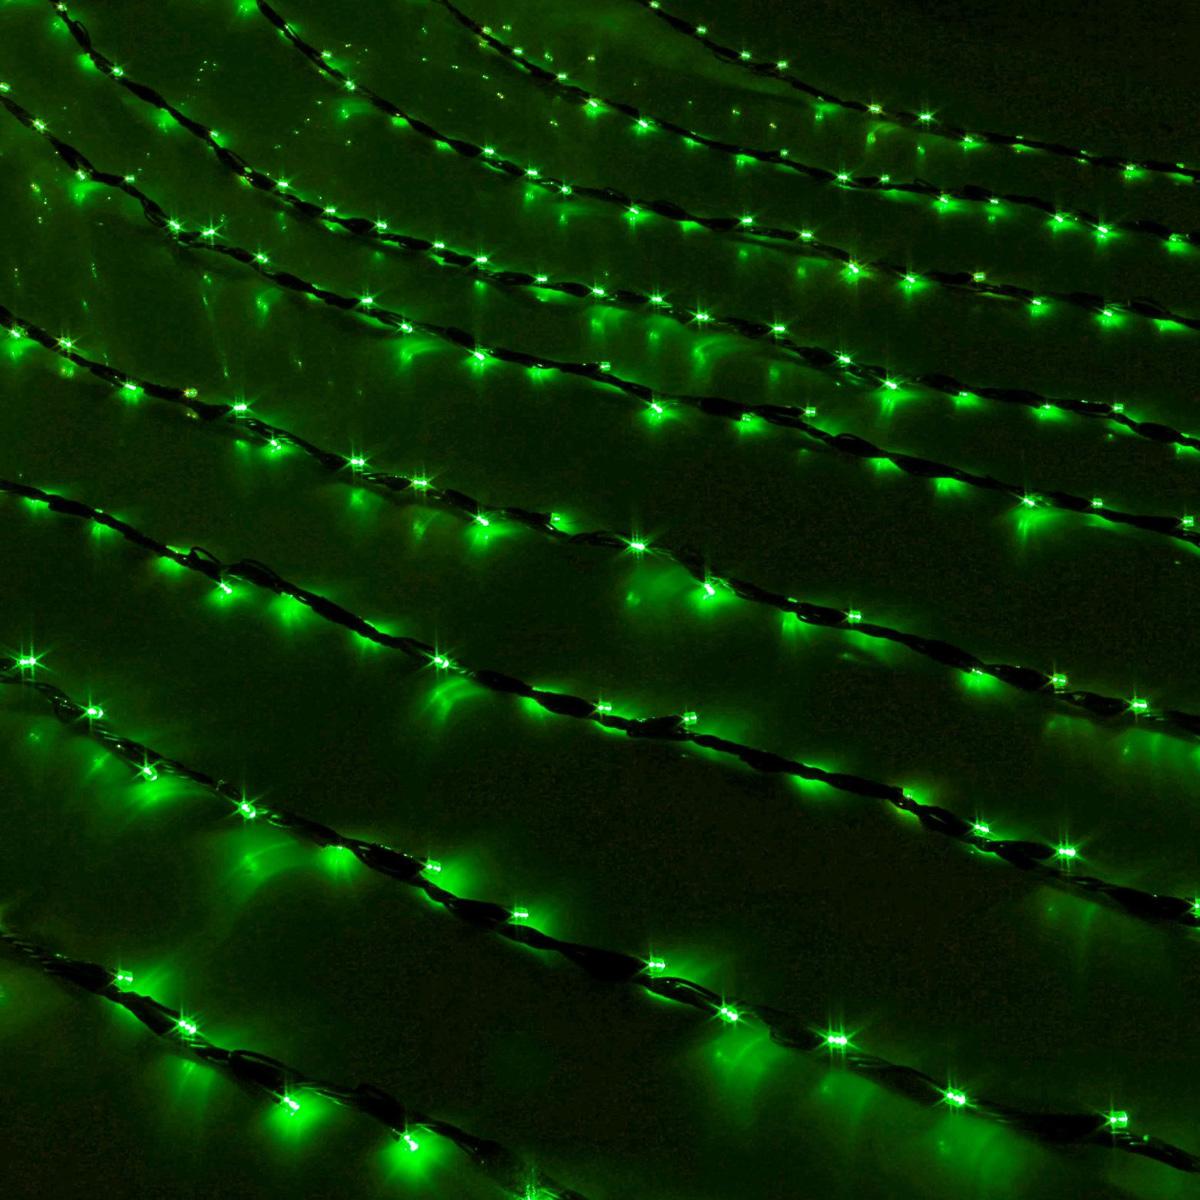 Гирлянда светодиодная Luazon Дождь, уличная, 8 режимов, 1500 ламп, 220 V, цвет: зеленый, 2 х 6 м. 187310187310Светодиодные гирлянды, ленты и т.д — это отличный вариант для новогоднего оформления интерьера или фасада. С их помощью помещение любого размера можно превратить в праздничный зал, а внешние элементы зданий, украшенные ими, мгновенно станут напоминать очертания сказочного дворца. Такие украшения создают ауру предвкушения чуда. Деревья, фасады, витрины, окна и арки будто специально созданы, чтобы вы украсили их светящимися нитями.